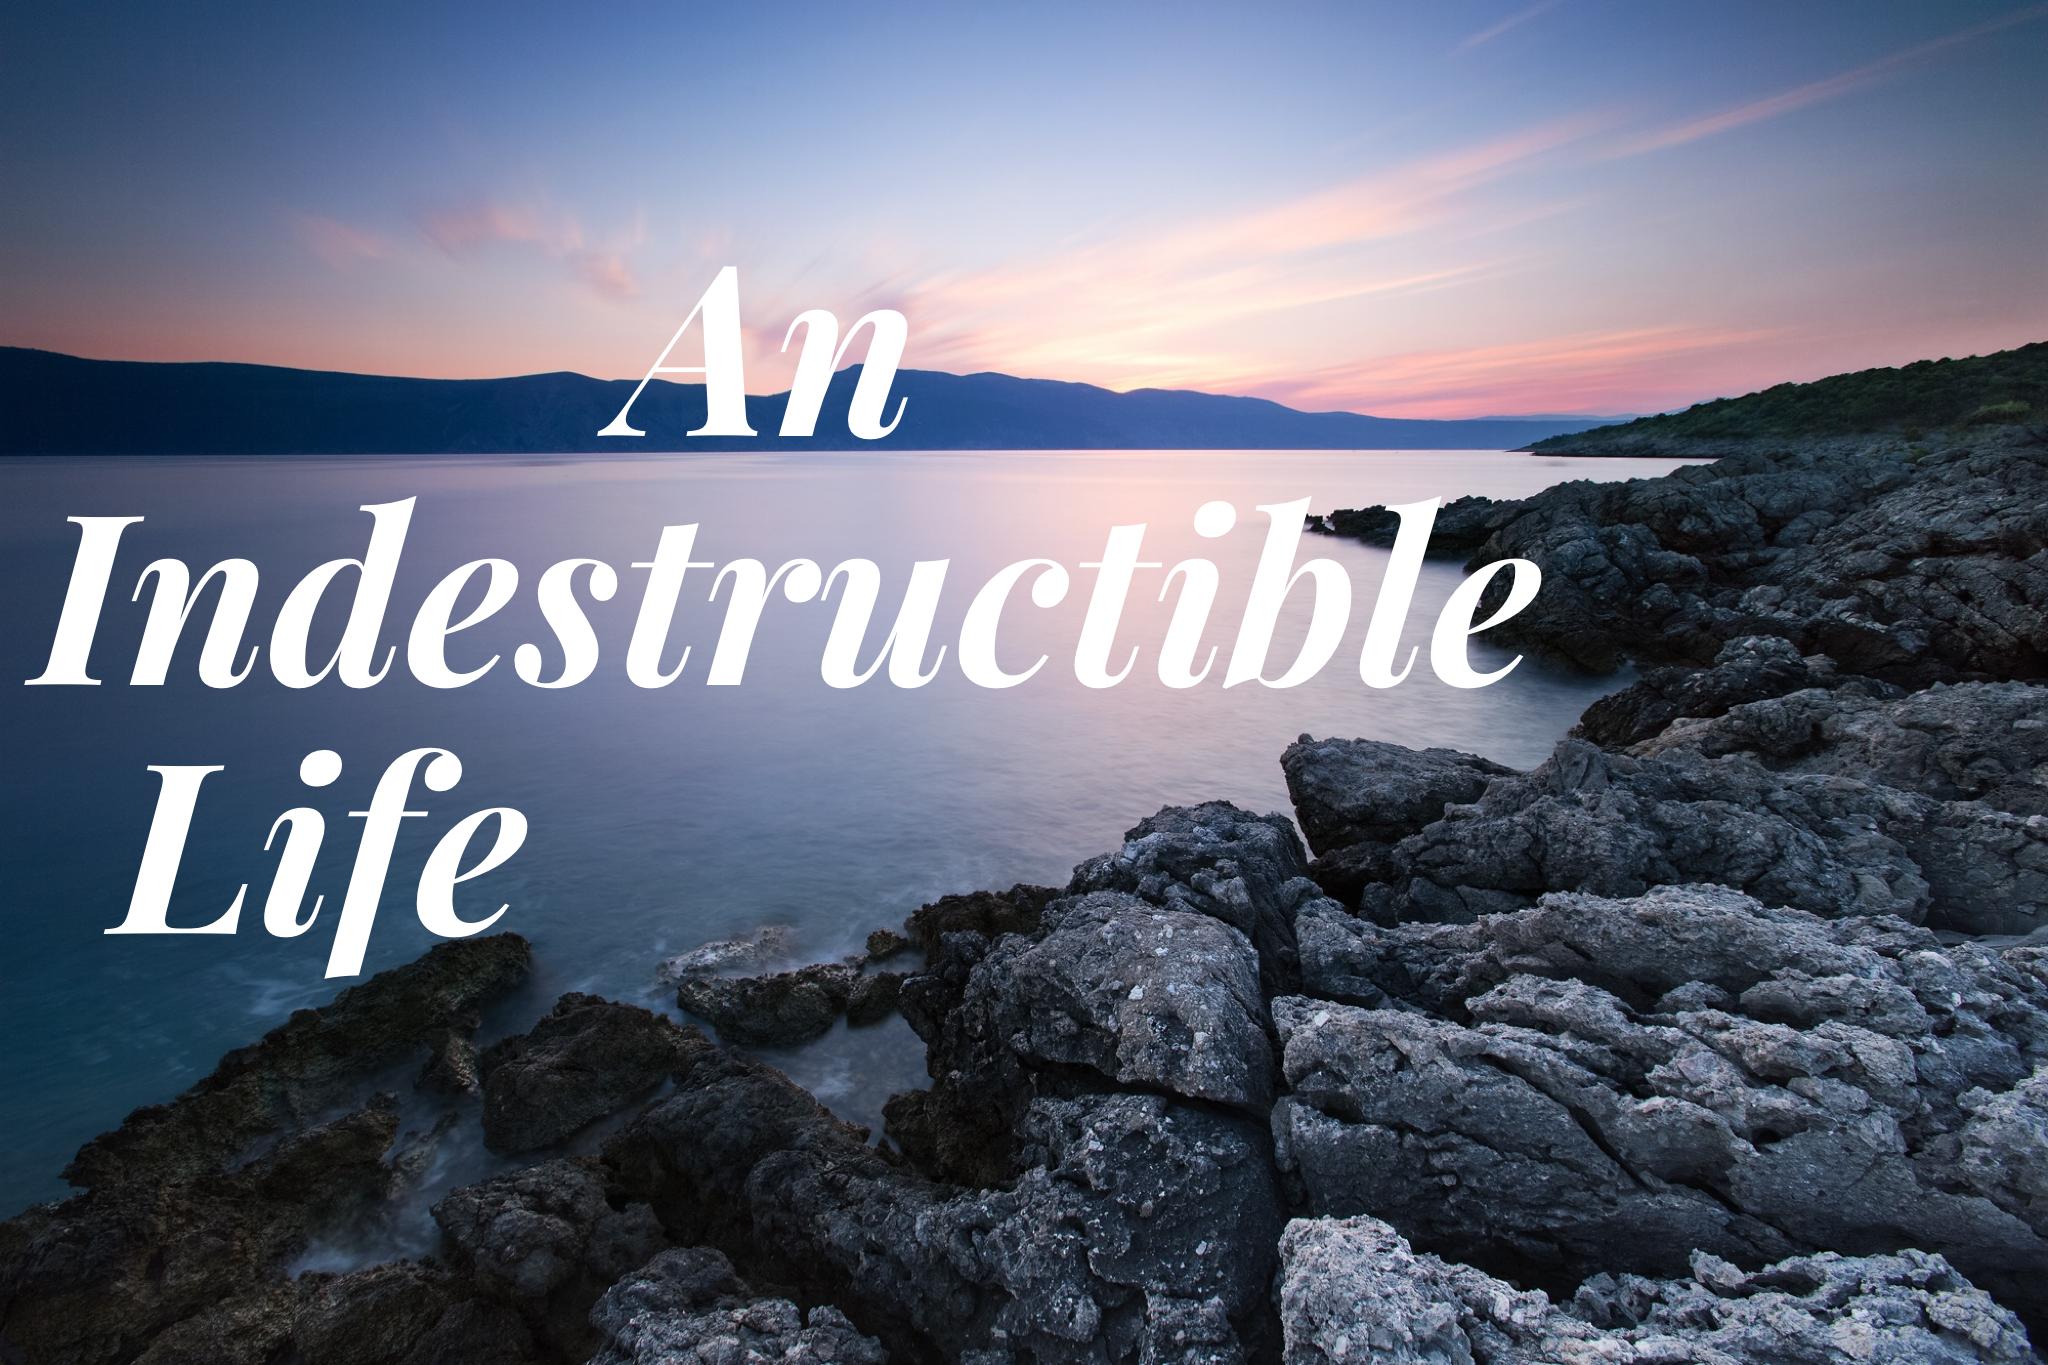 An Indestructible Life